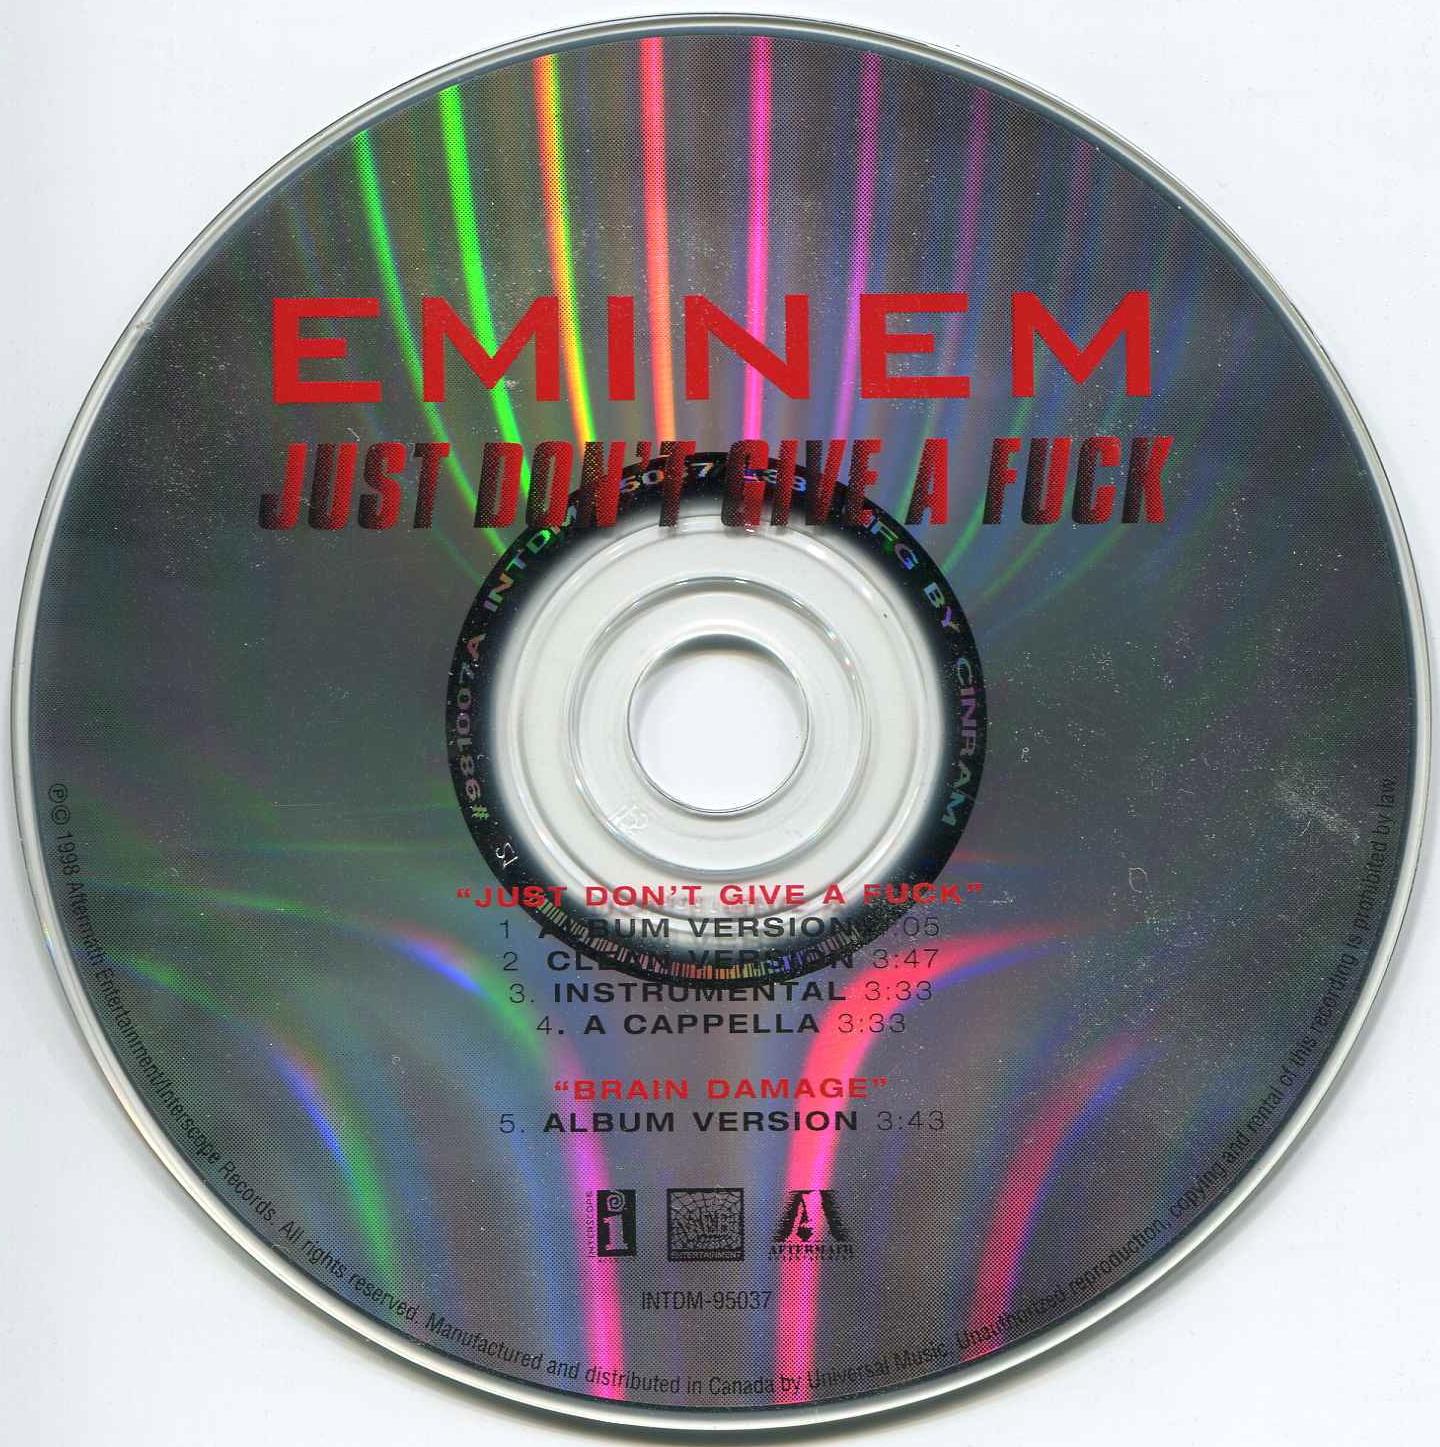 http://1.bp.blogspot.com/-LC_hkhrv-0c/Tb24s1ZH4-I/AAAAAAAABhU/-SJj2u35d_E/s1600/EminemJustCD.jpg